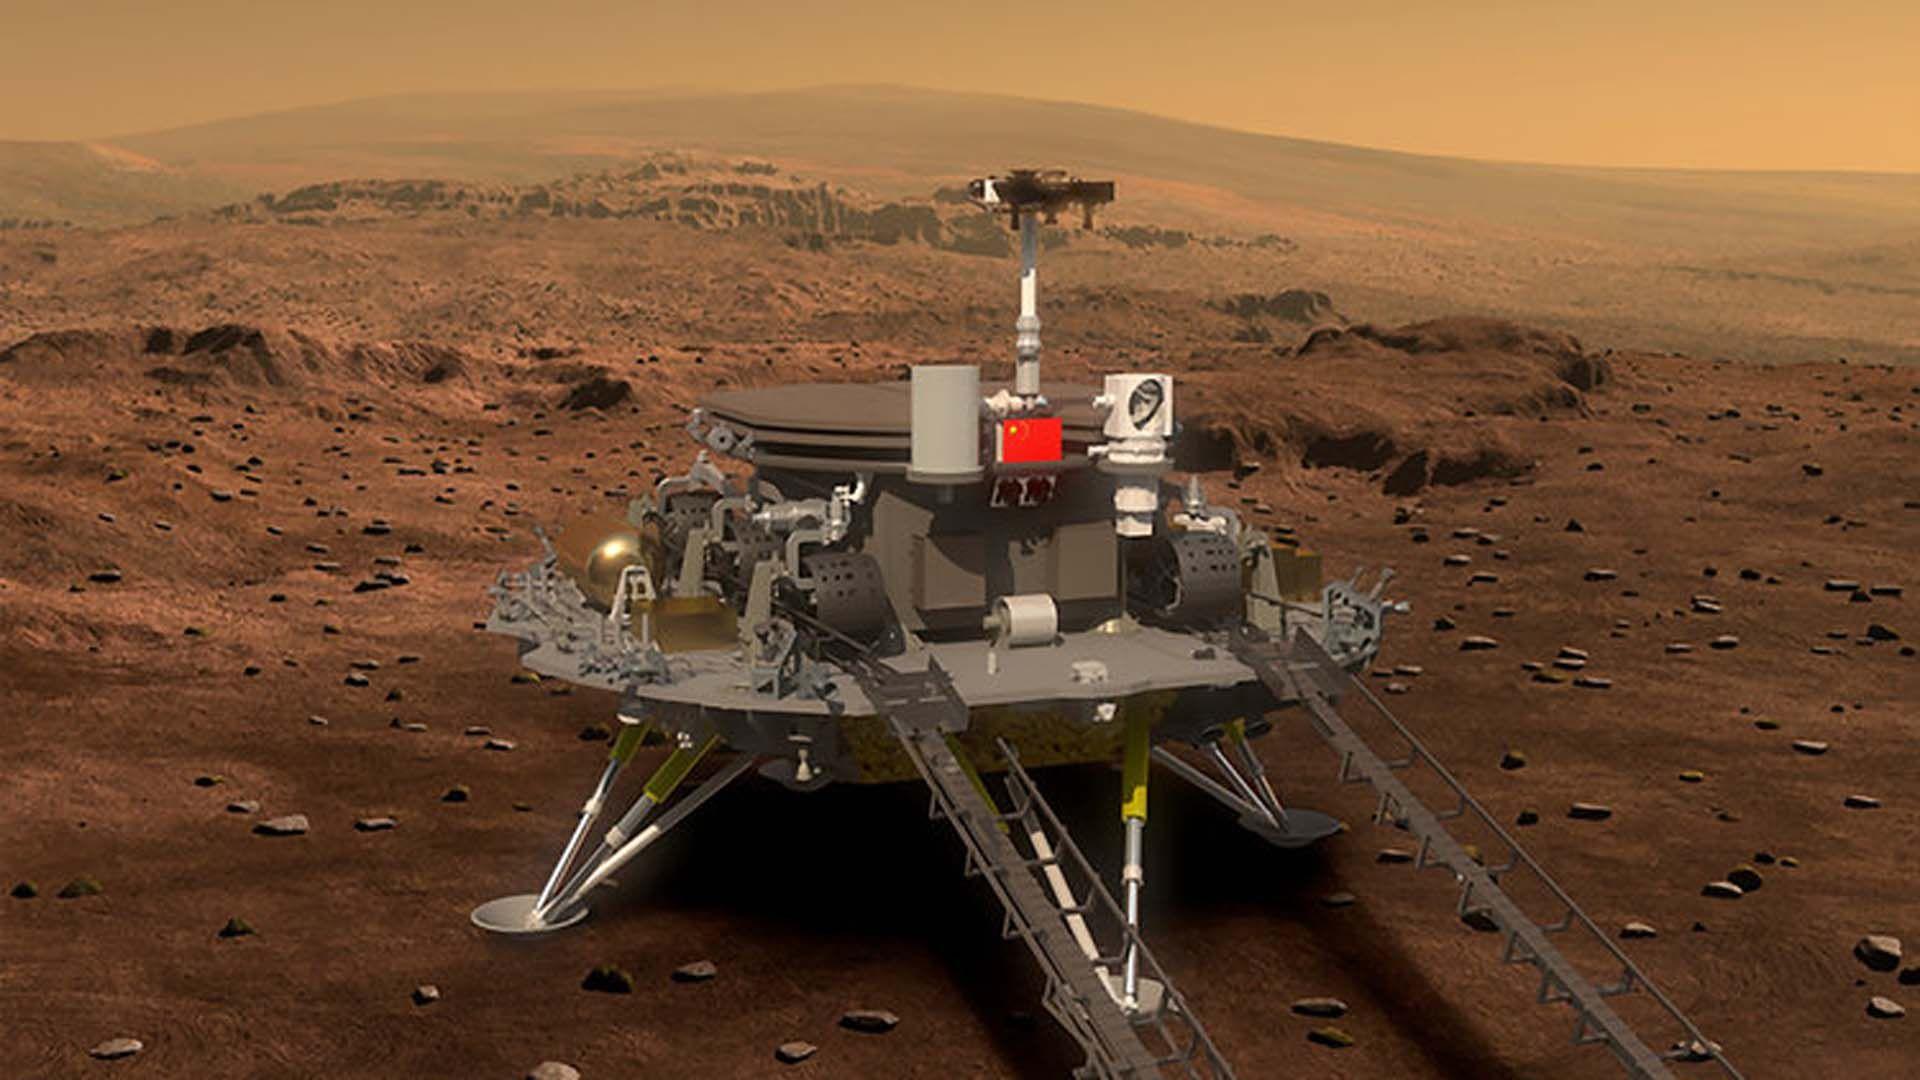 La misión HX-1 de China tiene planeado buscar rastros de vida microscópica (Agencia Espacial China)